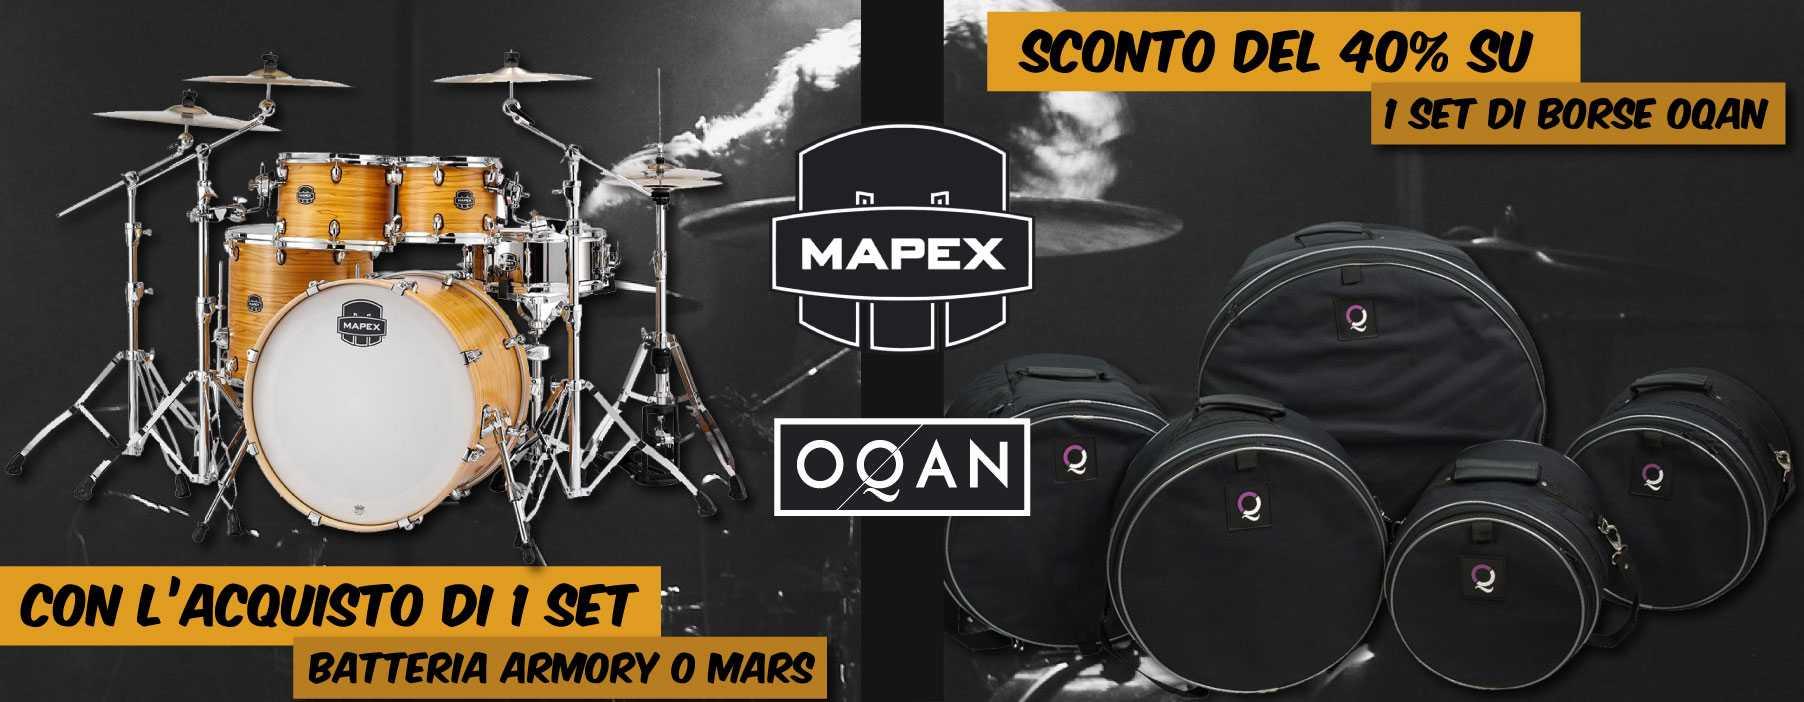 Oferta Mapex + Oqan